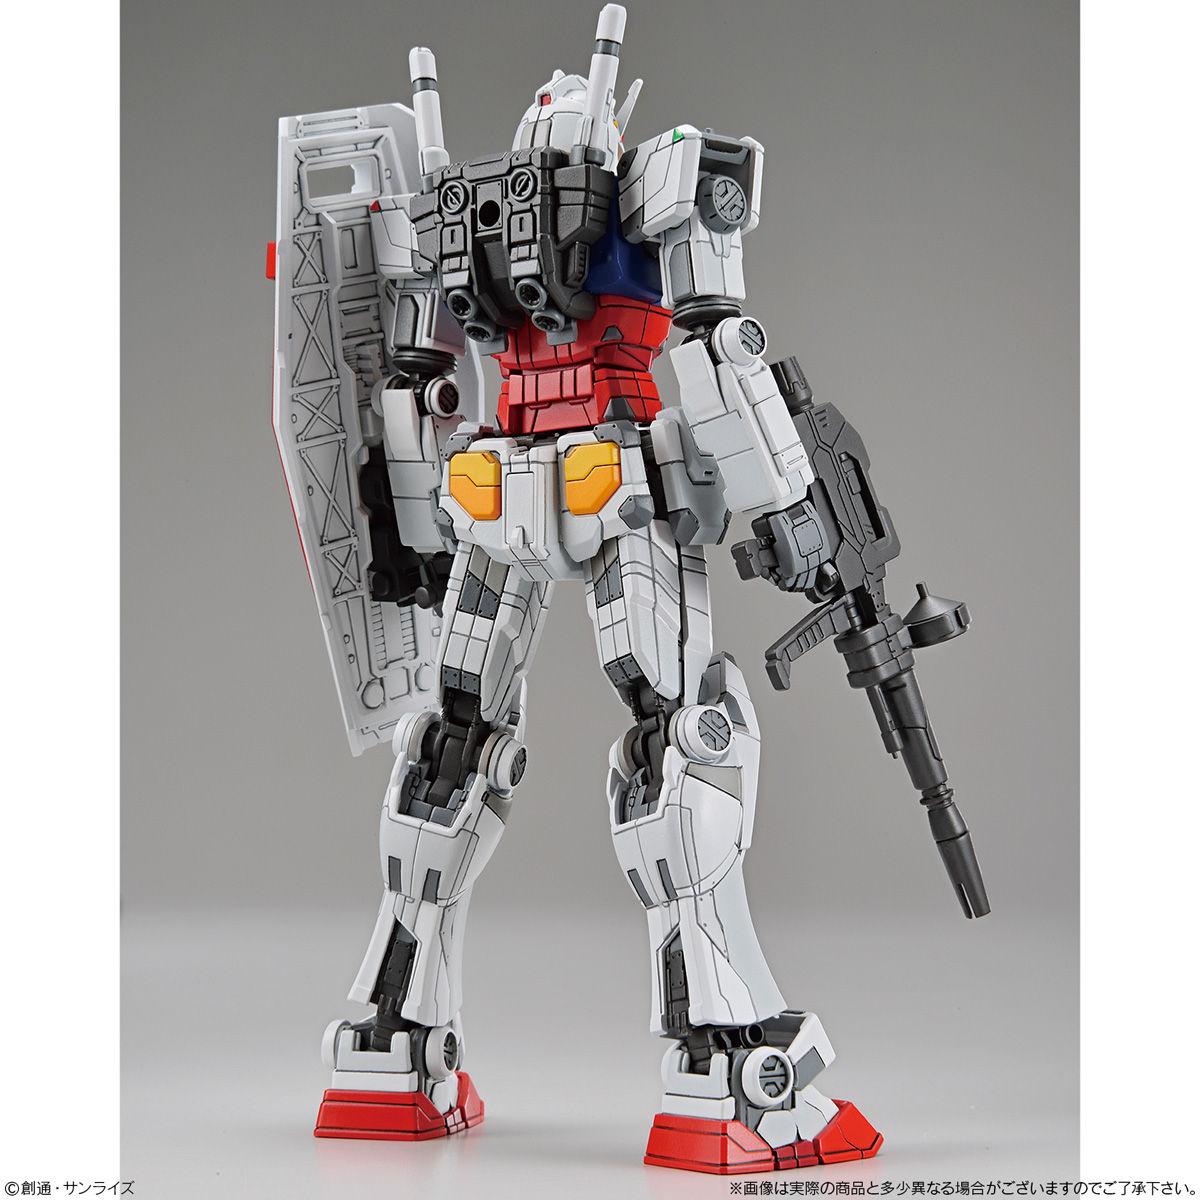 【再販】GUNDAM FACTORY YOKOHAMA『RX-78F00 ガンダム&ガンダムドック』1/144 プラモデル-003